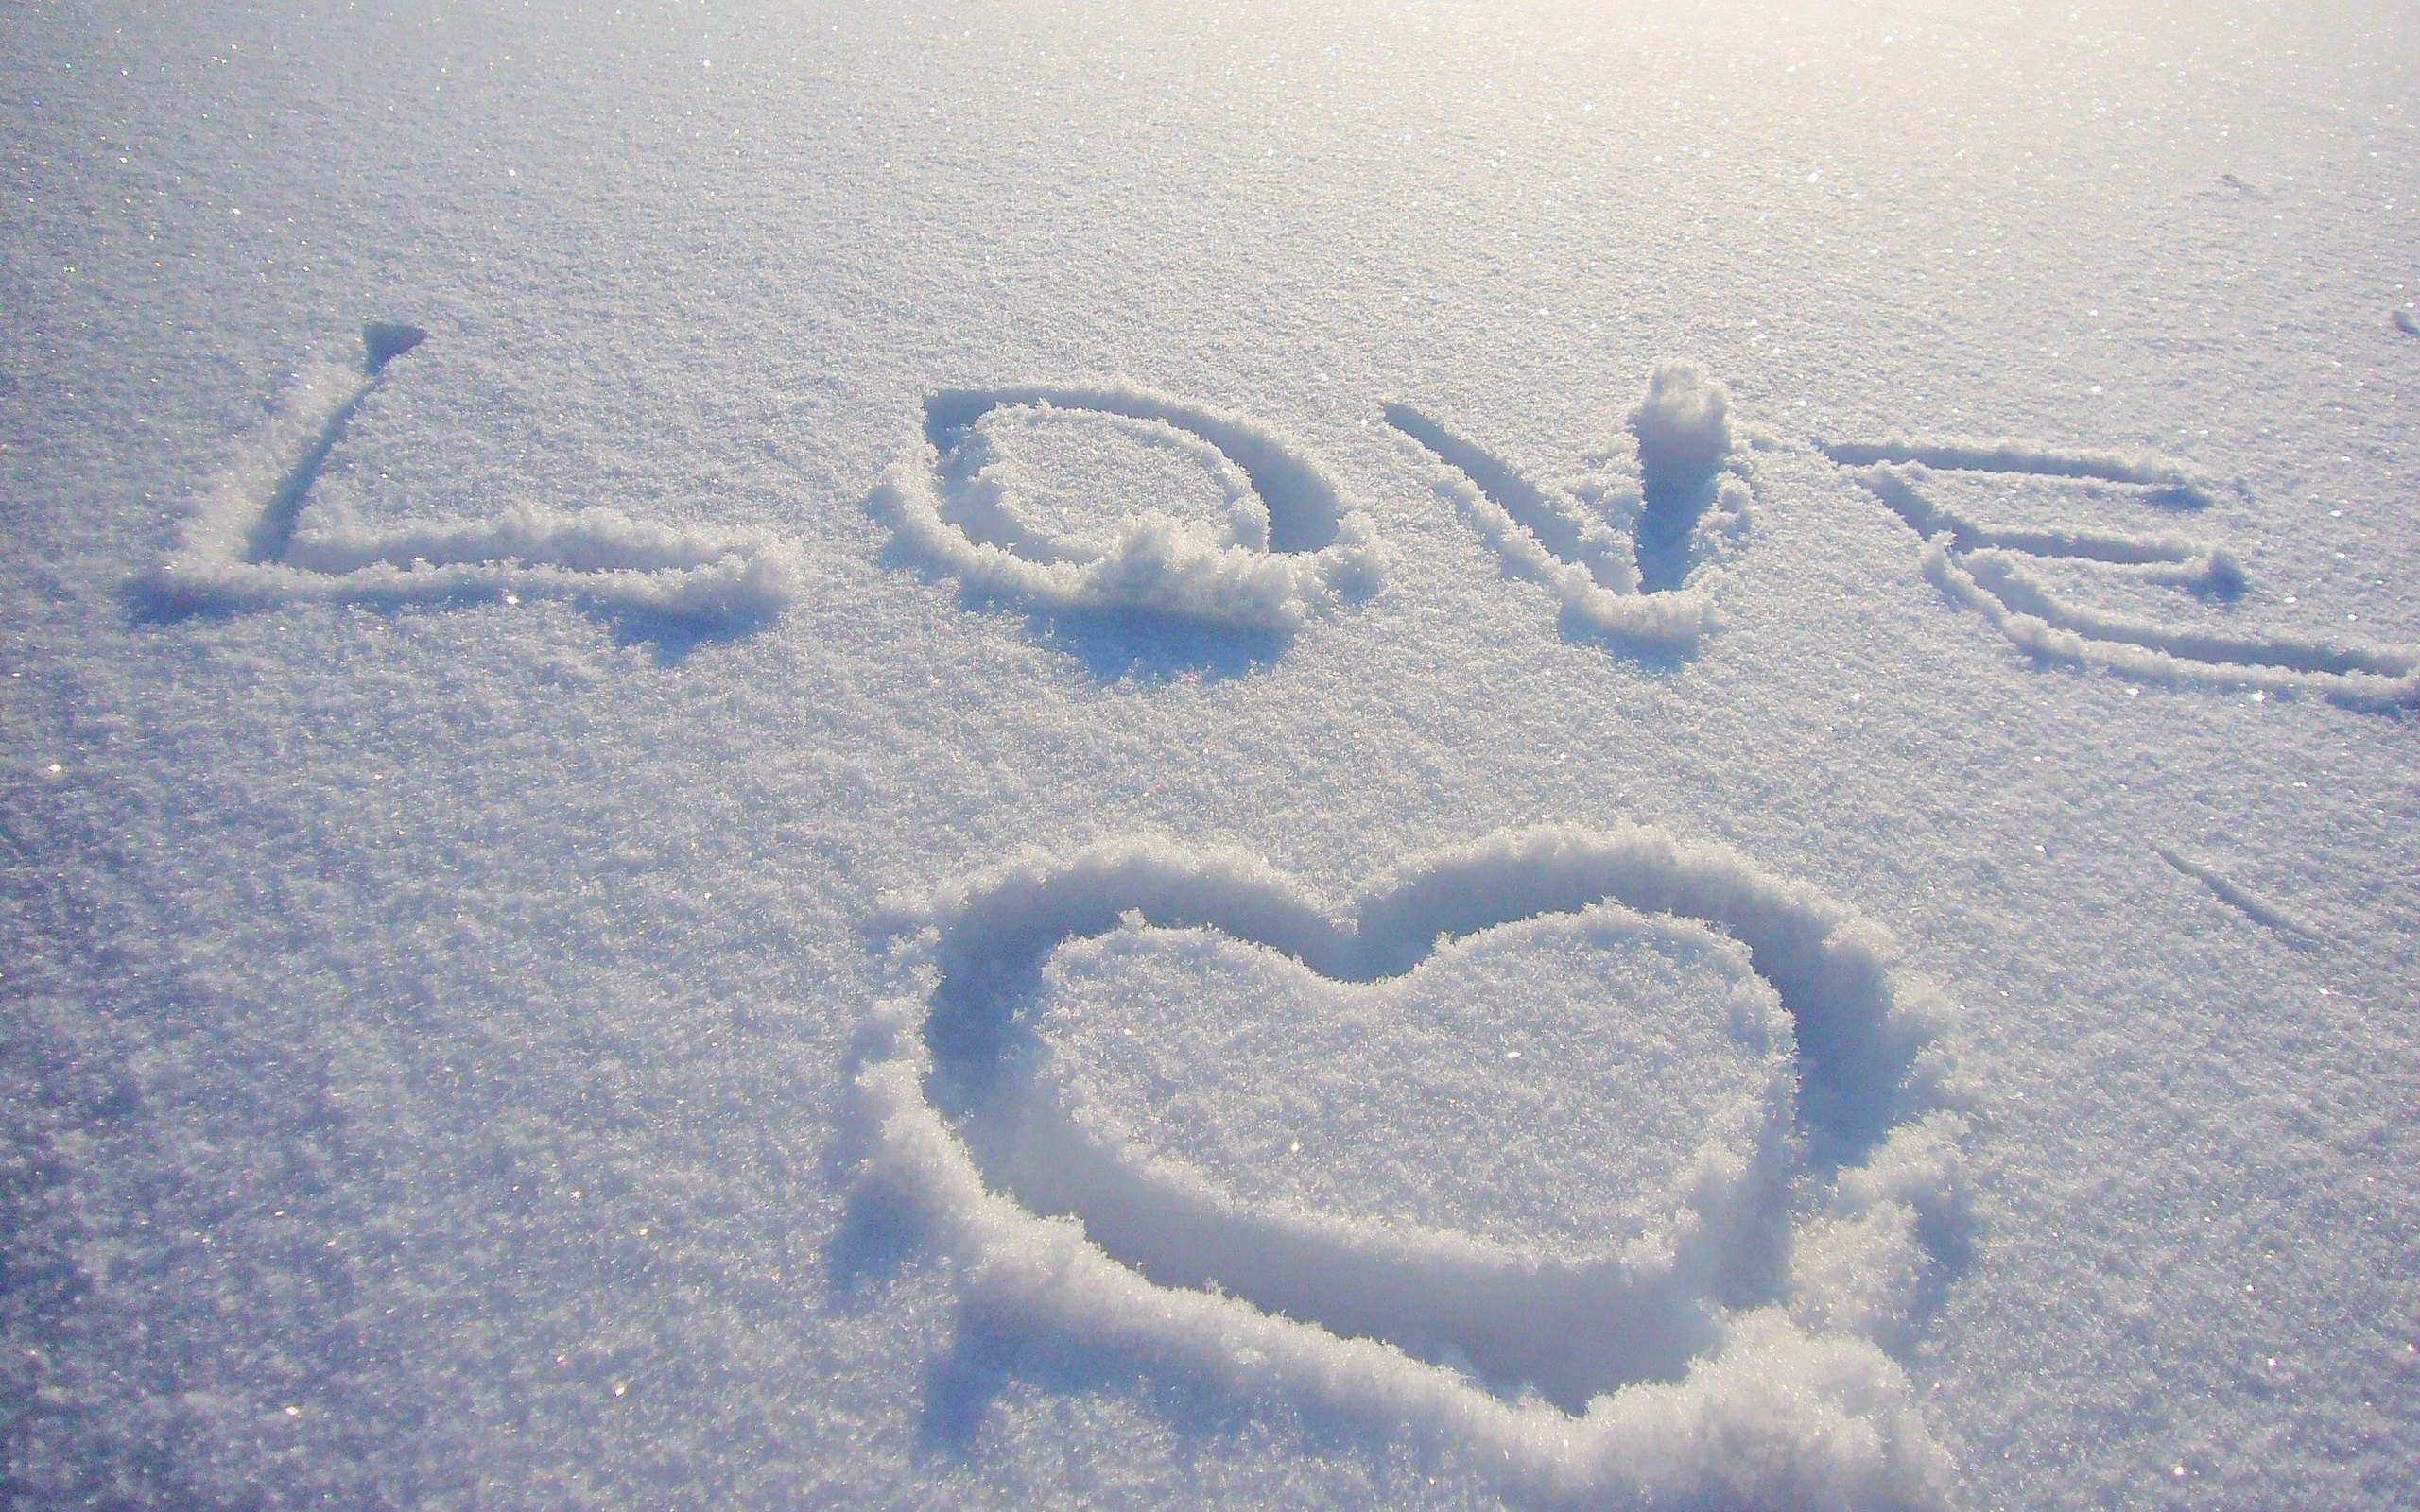 картинки с надписью зима без снега фотографии